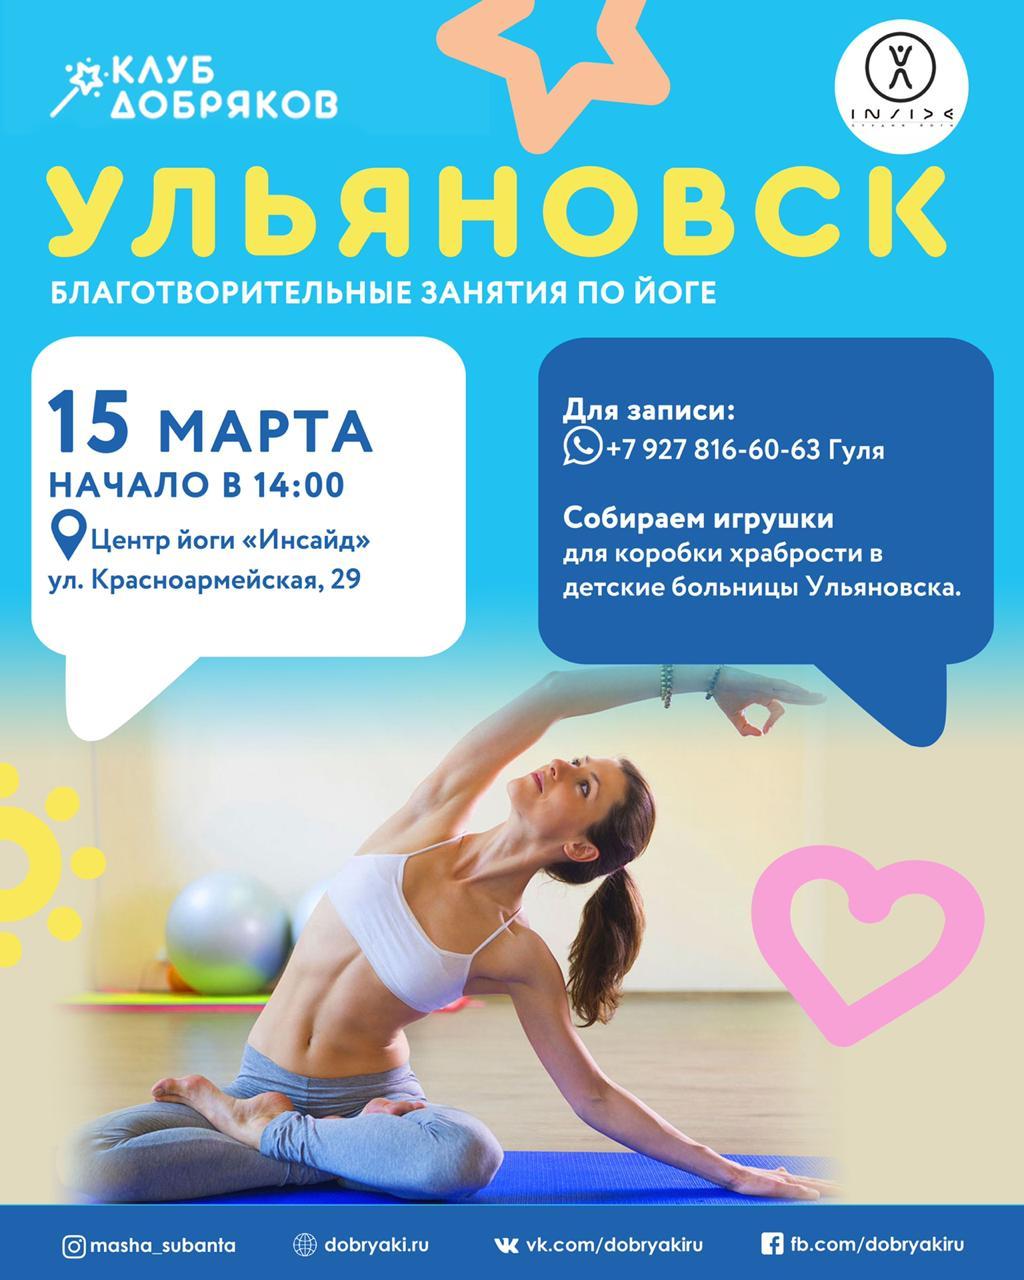 В Ульяновске пройдет благотворительный мастер-класс по йоге